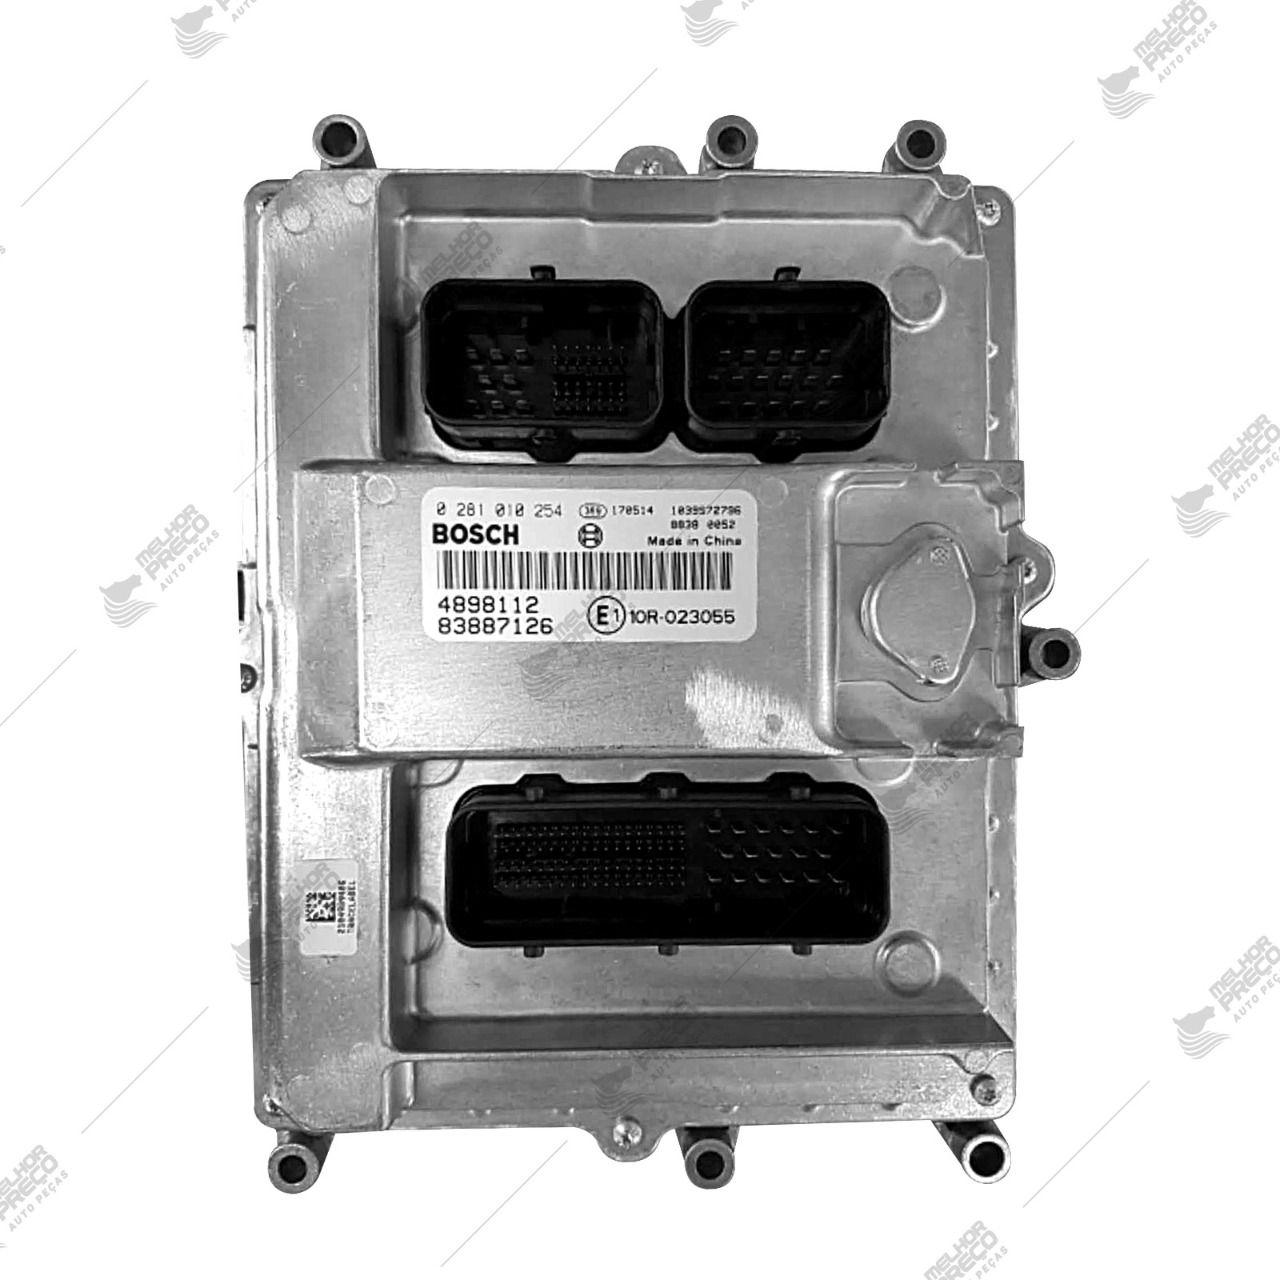 Modulo de Injeção  Para Caminhão  Volkswagem  Ford Cargo  Numero 0281010254